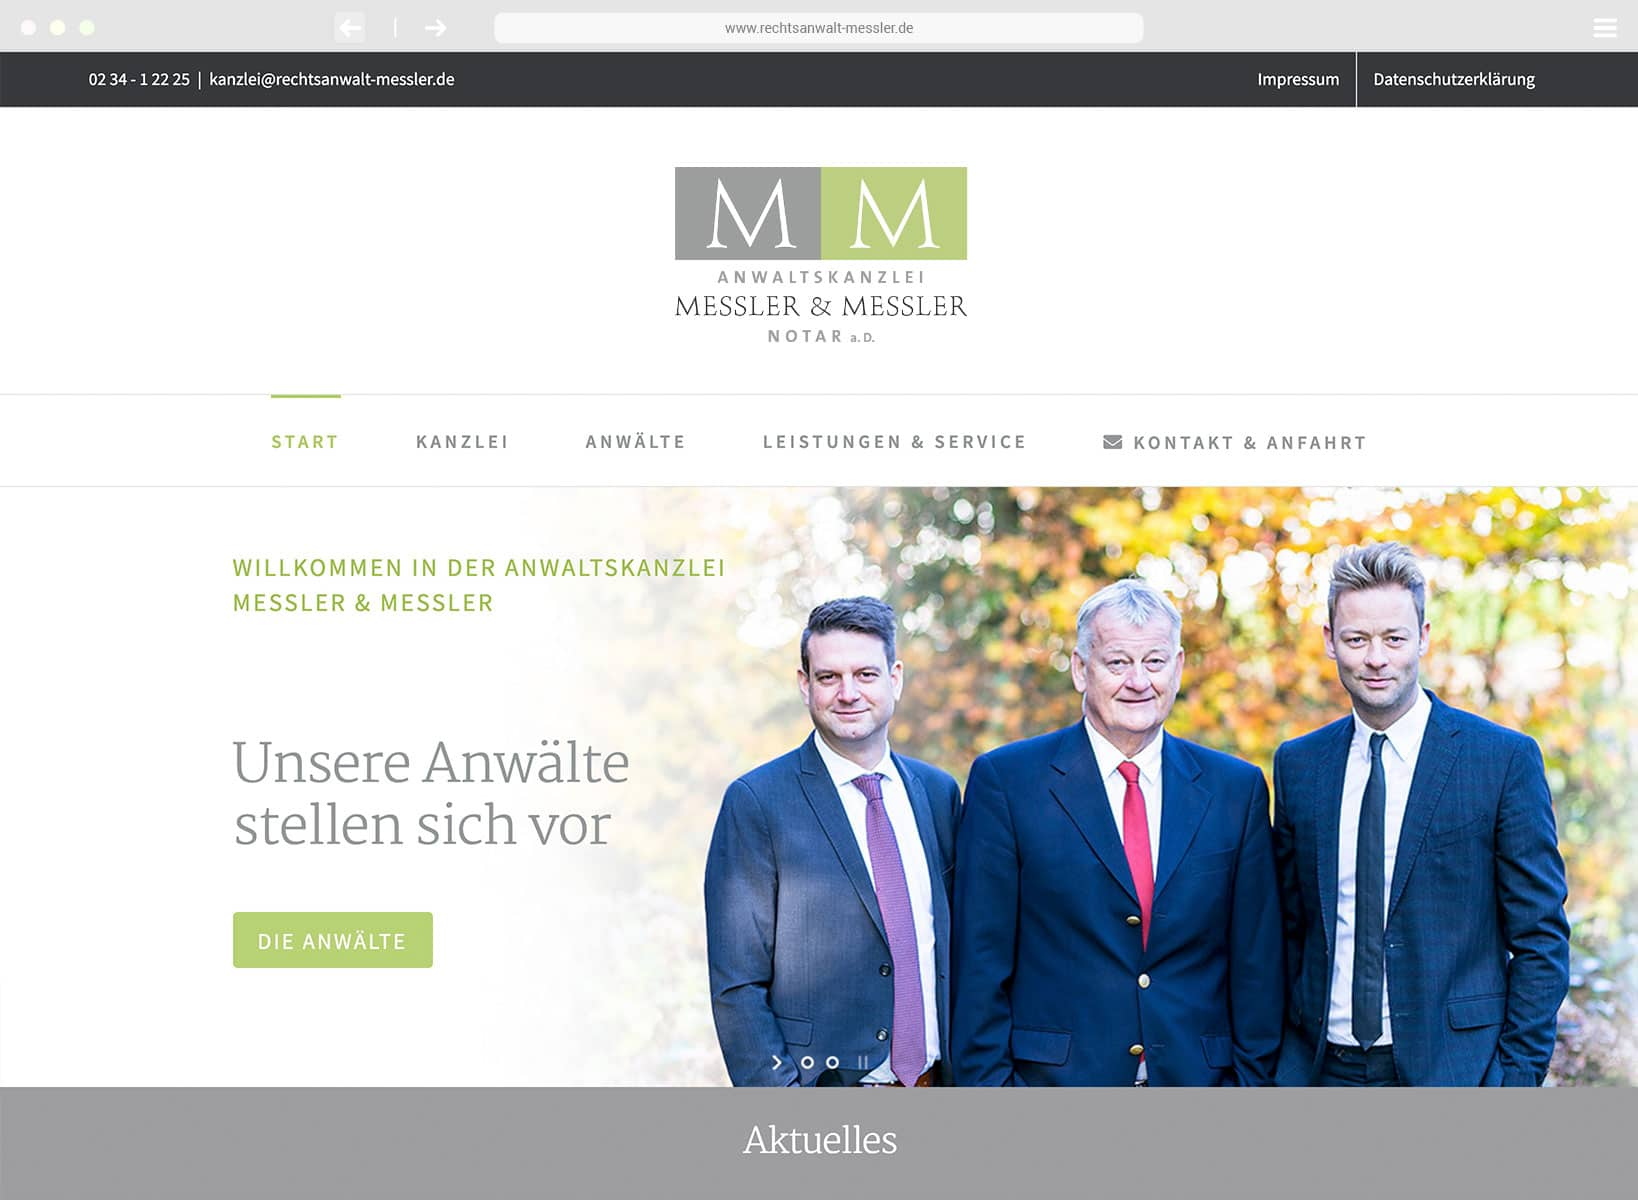 www.rechtsanwalt-messler.de